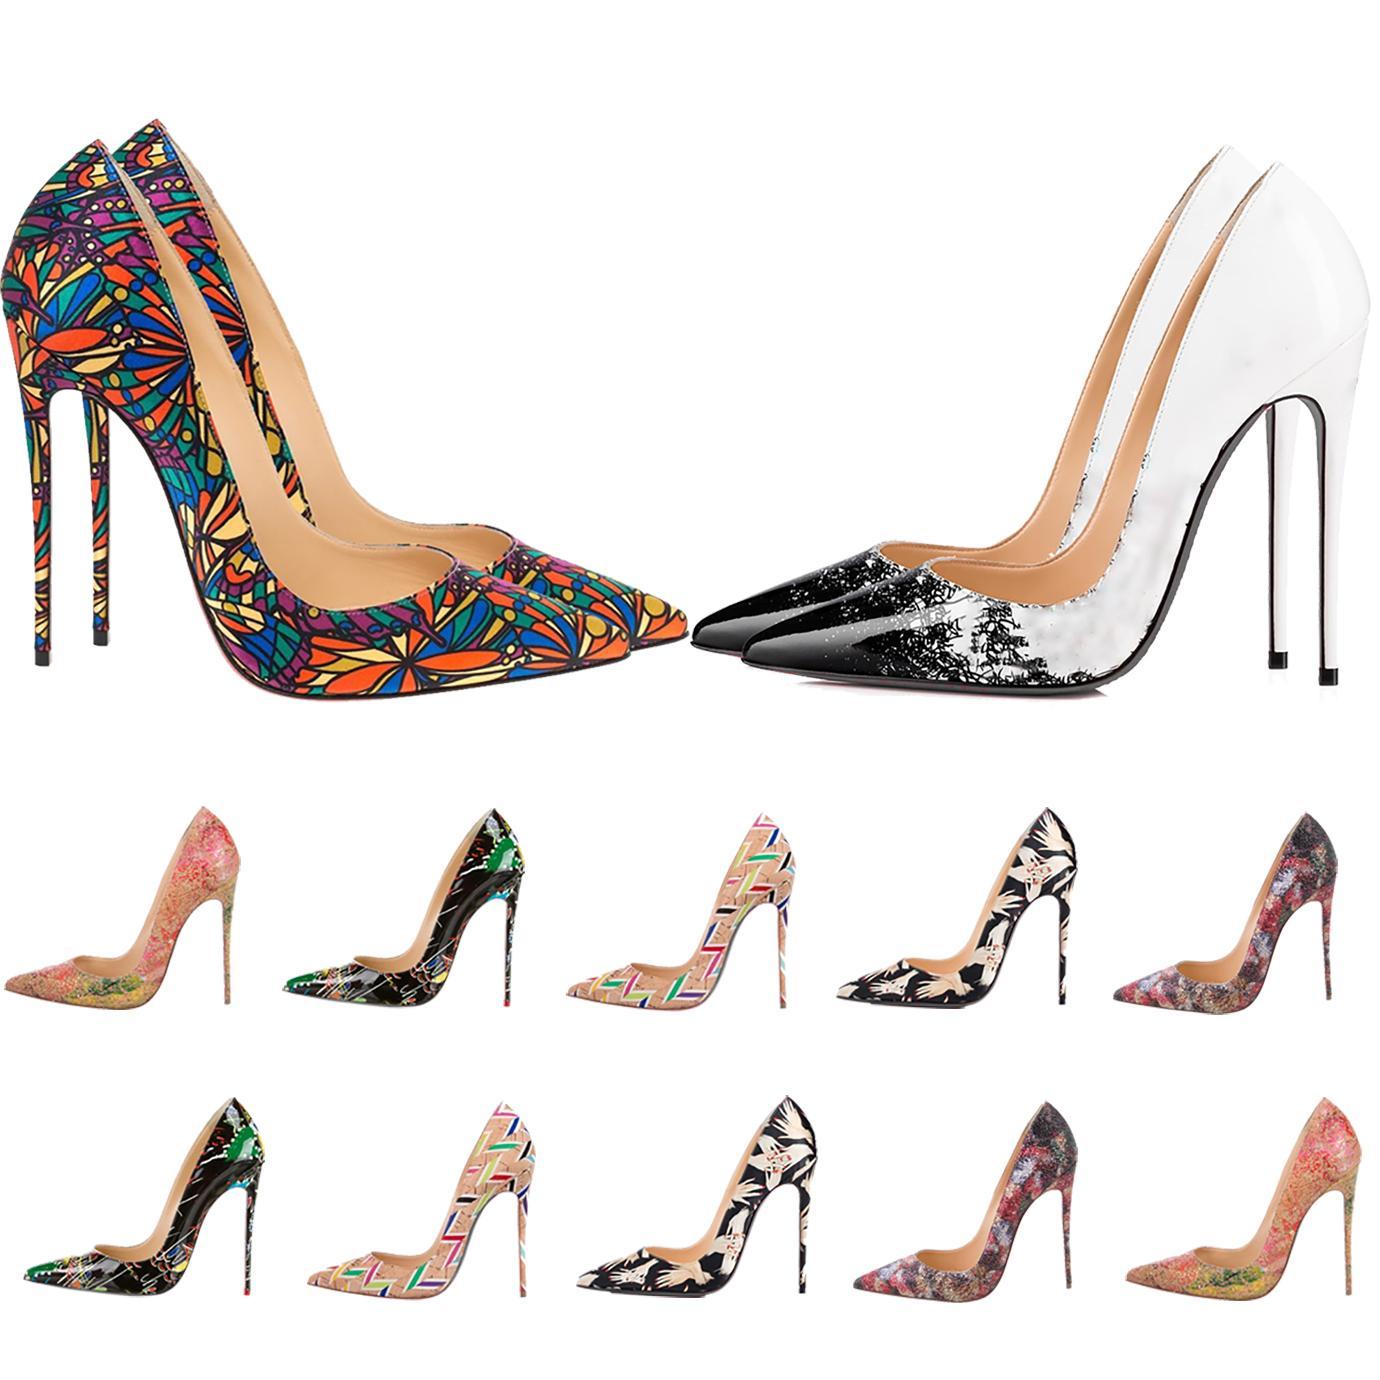 Mulheres Vermelhas Bottom High High Wotsed Toes Luxurys Designers Sapatos Genuíno Bombas de Couro Senhora Sandálias de Casamento Flor Impressão